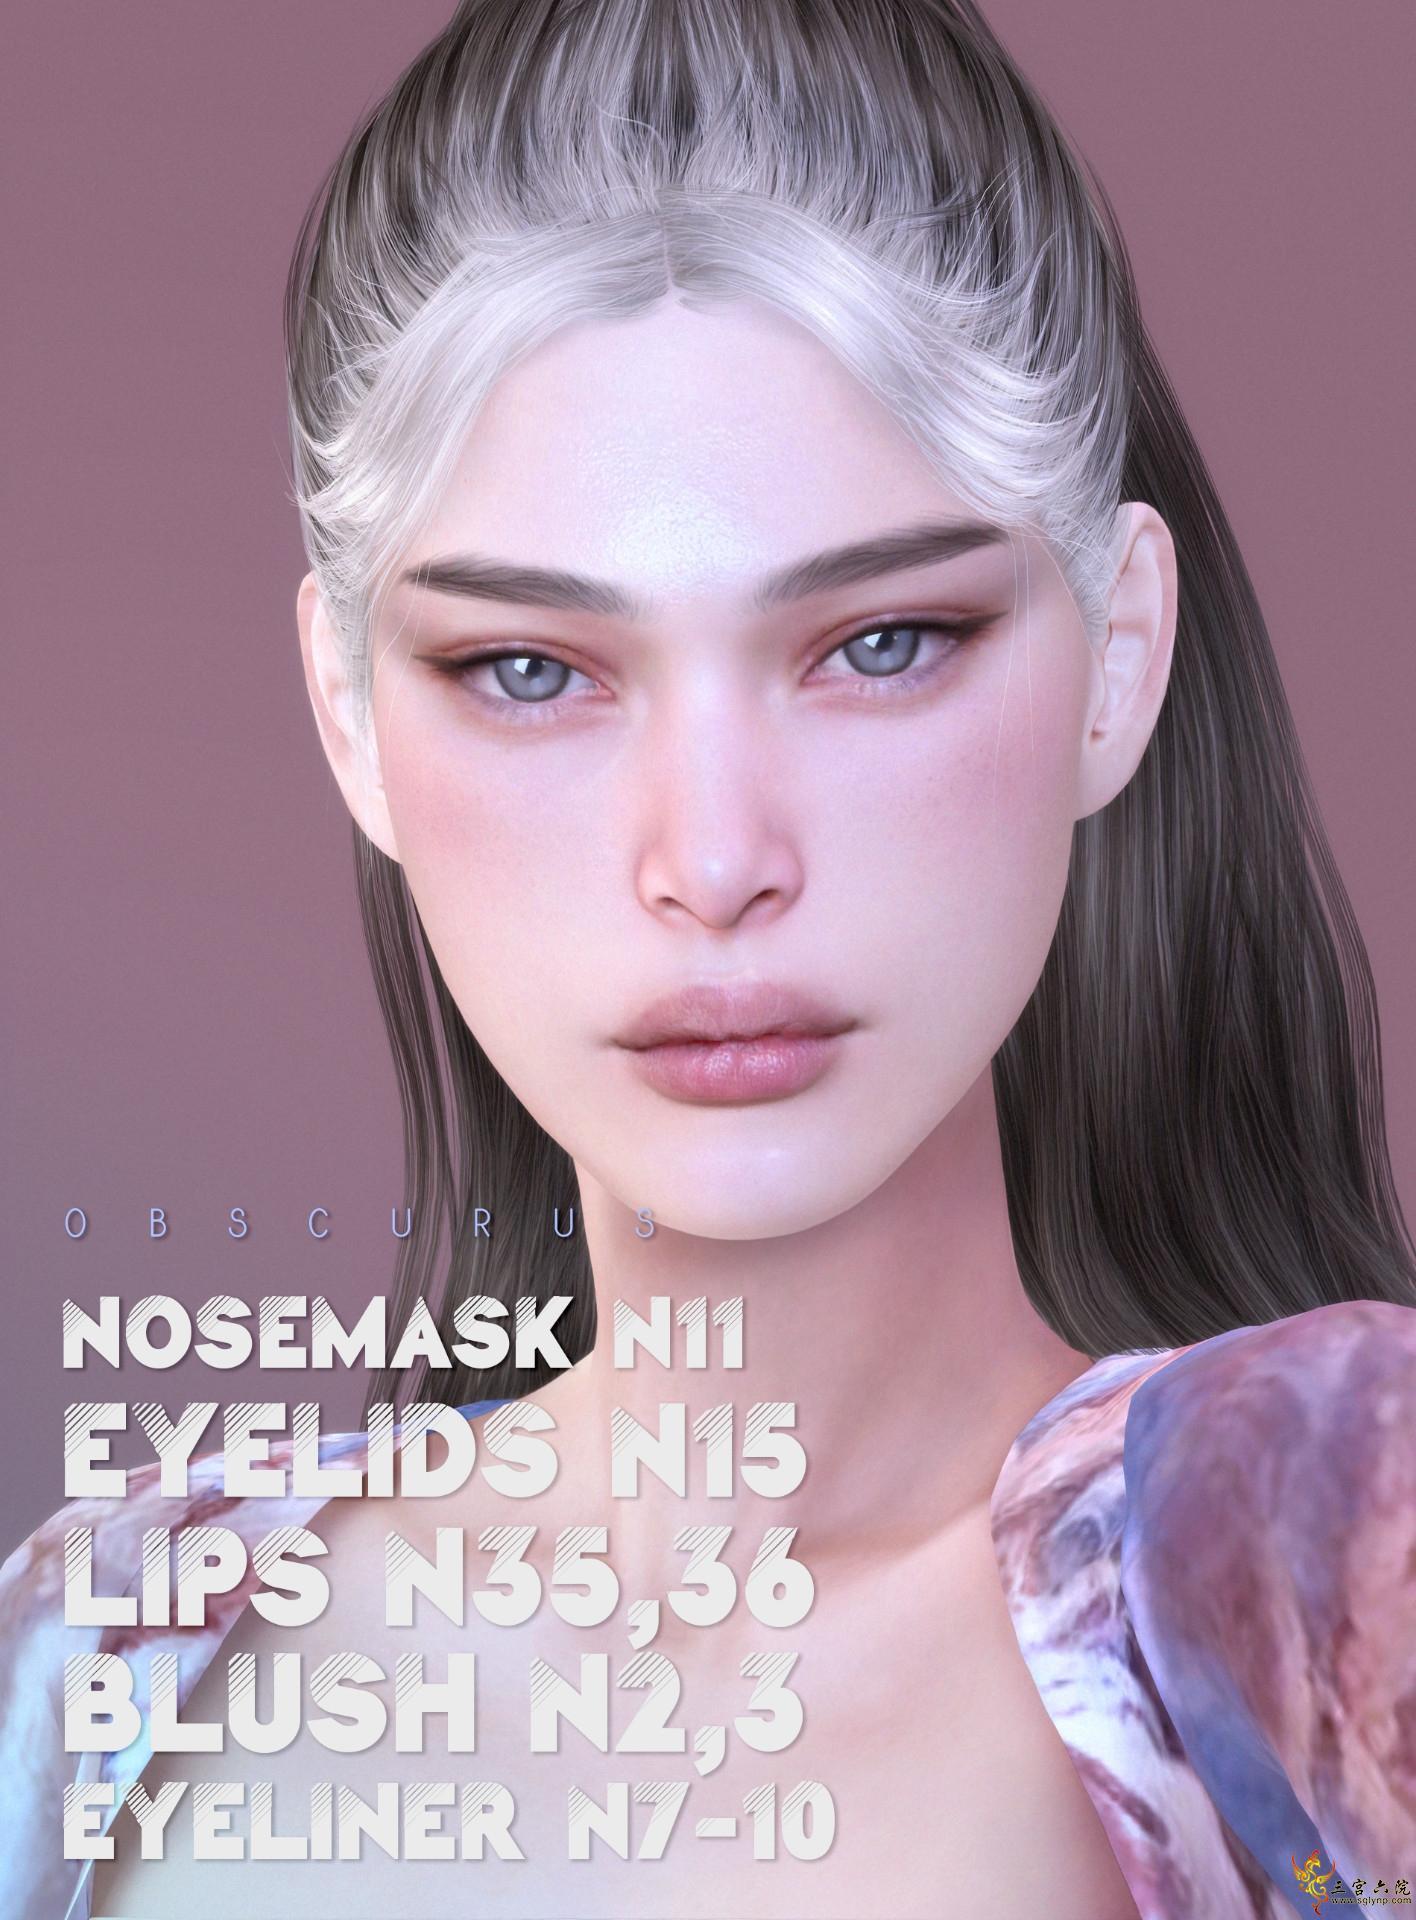 Sims 4 Screenshot 2021.05.30 - 17.42.08.67.png